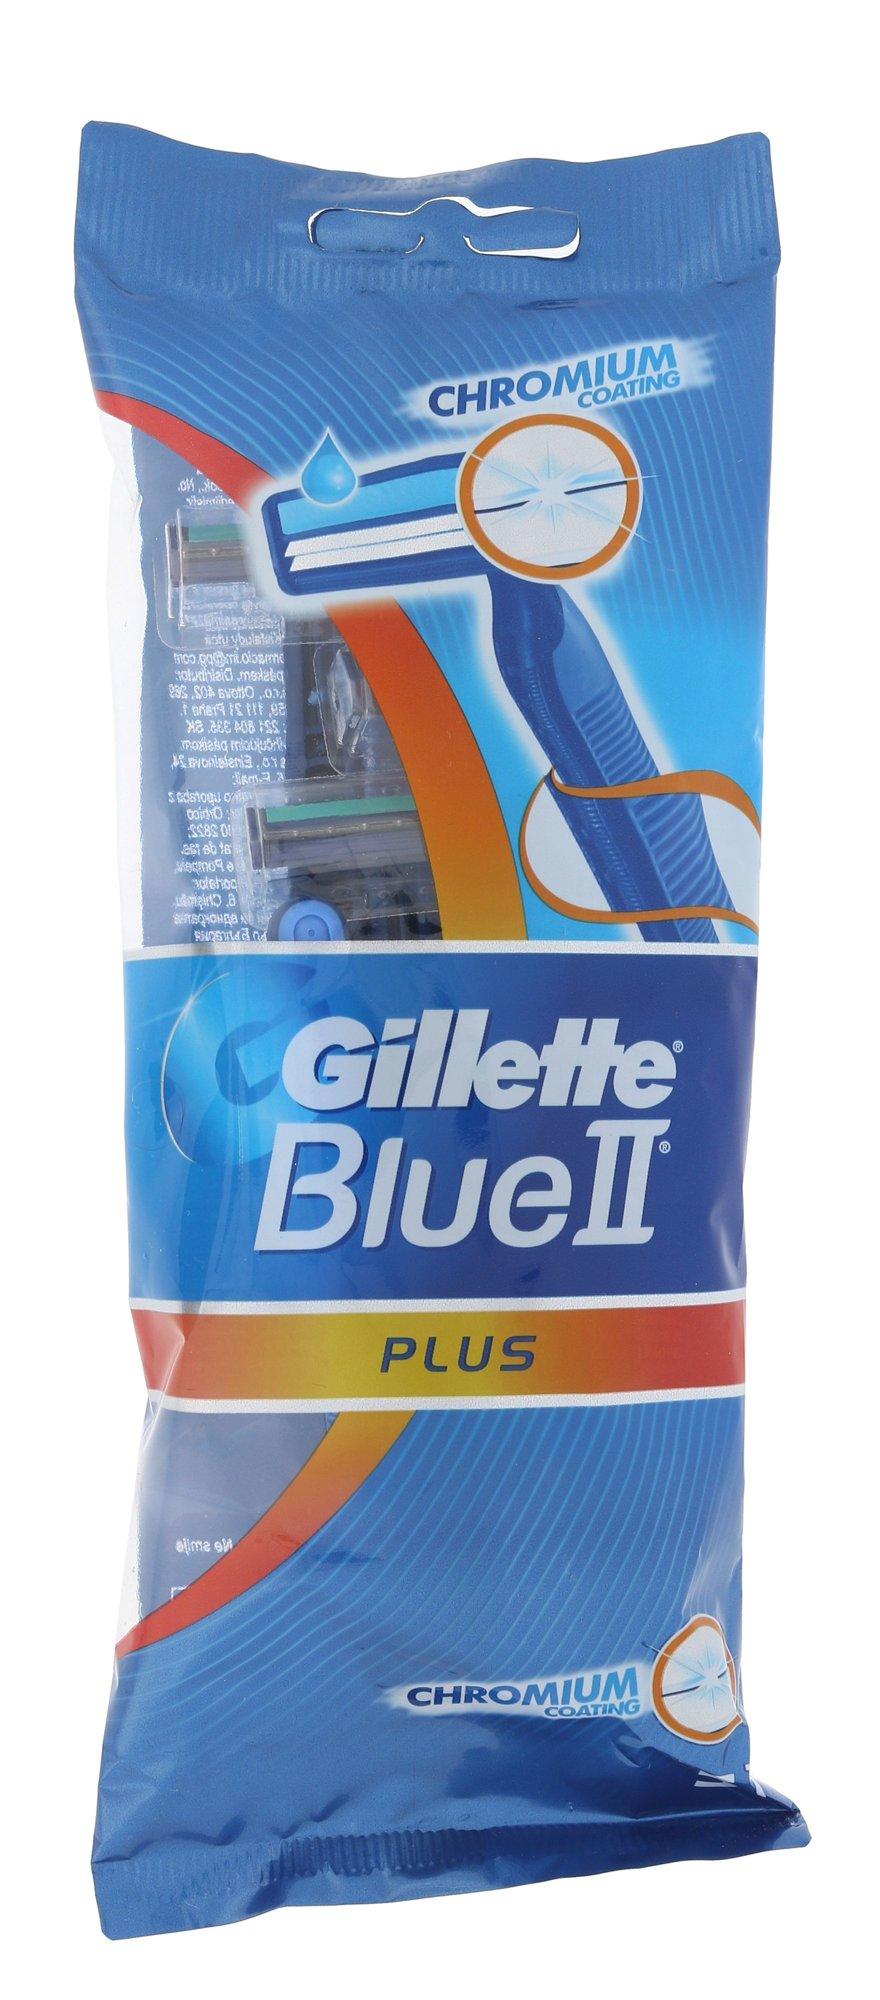 Gillette Blue II Cosmetic 5ml